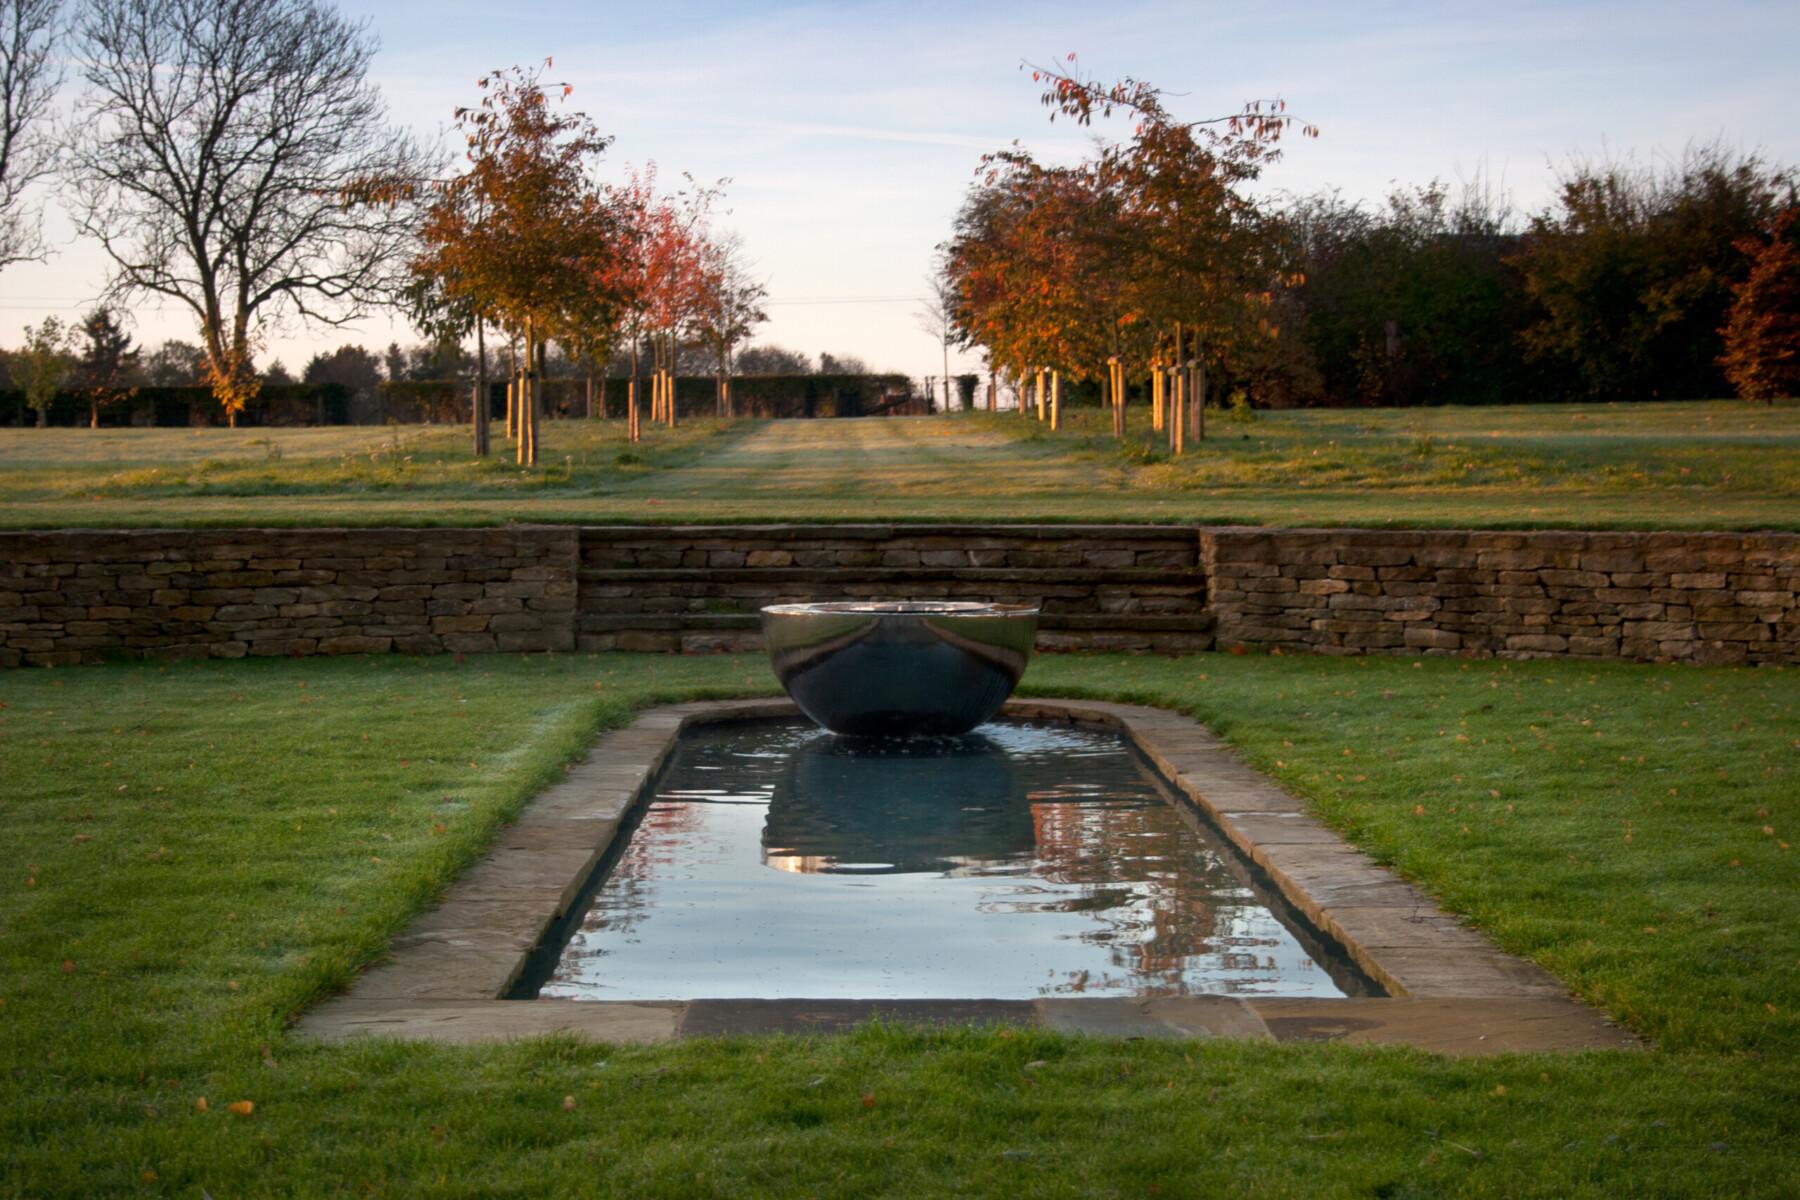 David Harber Sculpture in Nicholsons Garden